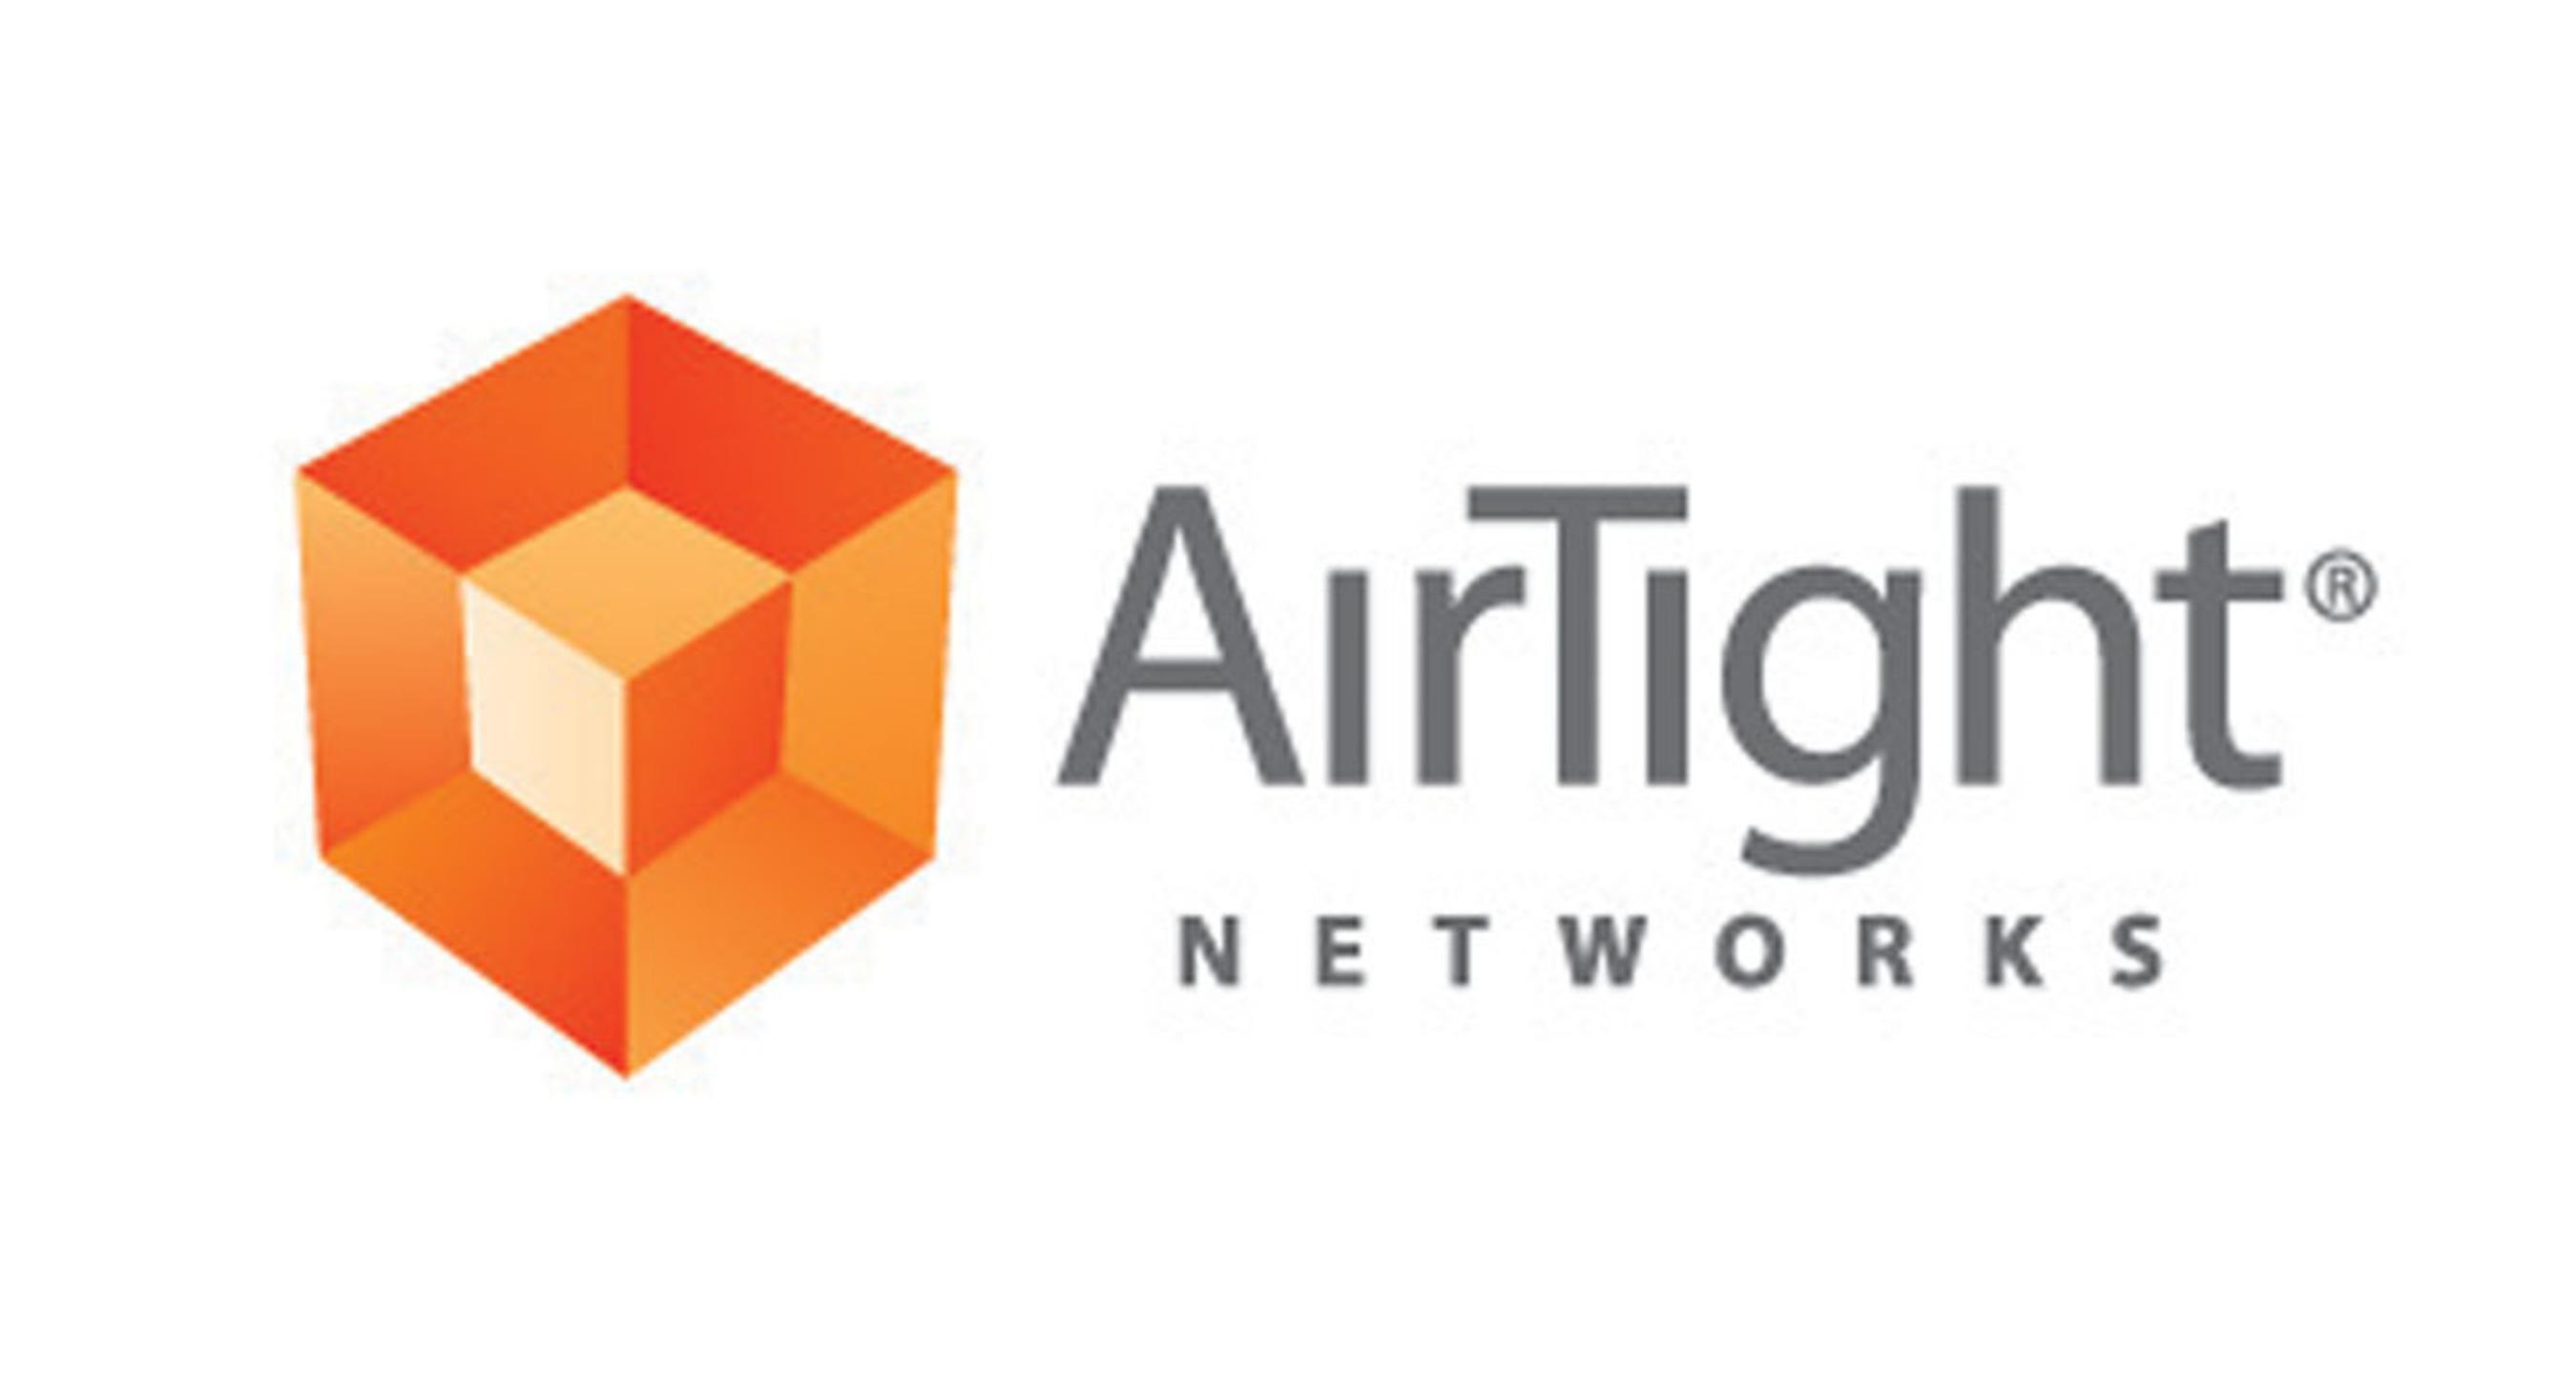 AirTight Networks logo. (PRNewsFoto/AirTight Networks) (PRNewsFoto/)